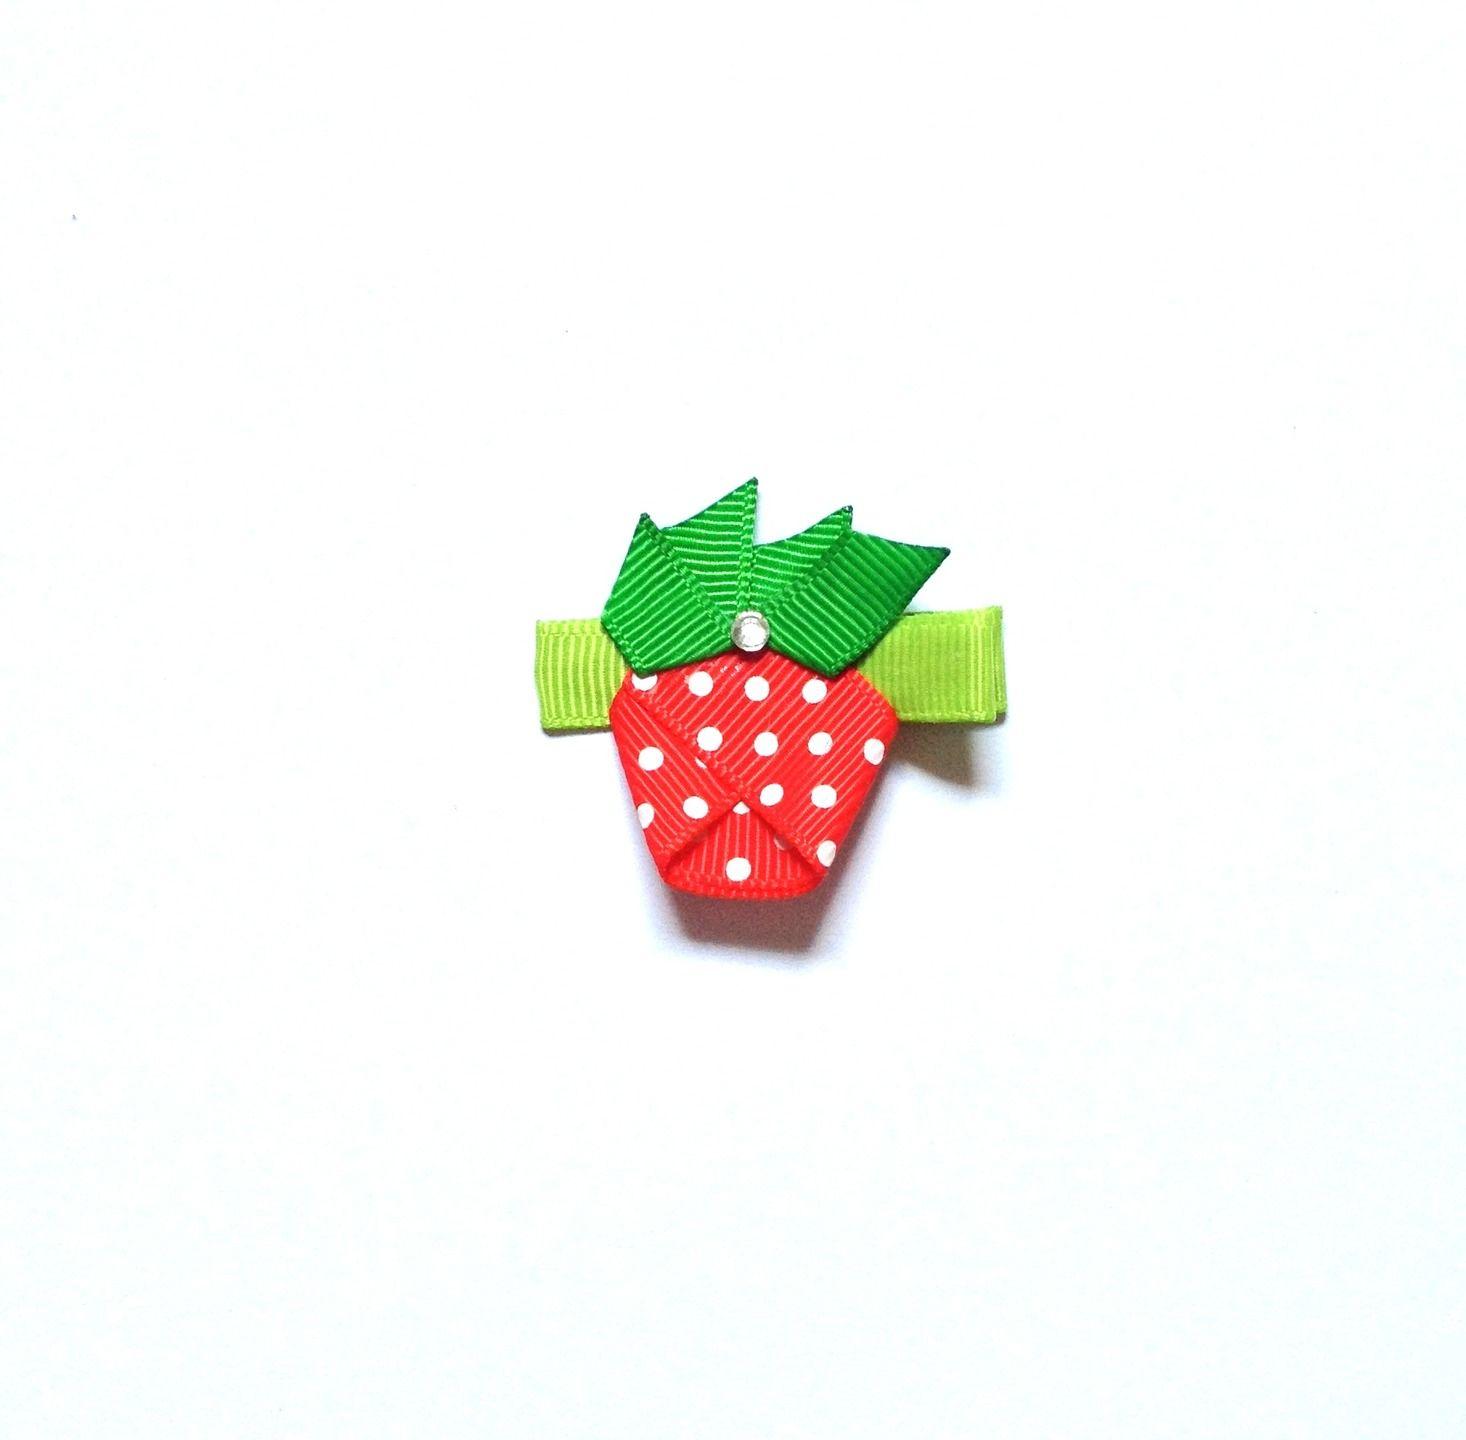 Barrette cheveux la fraise en ruban pour enfants : Accessoires coiffure par croc-o-barrettes-et-compagnie